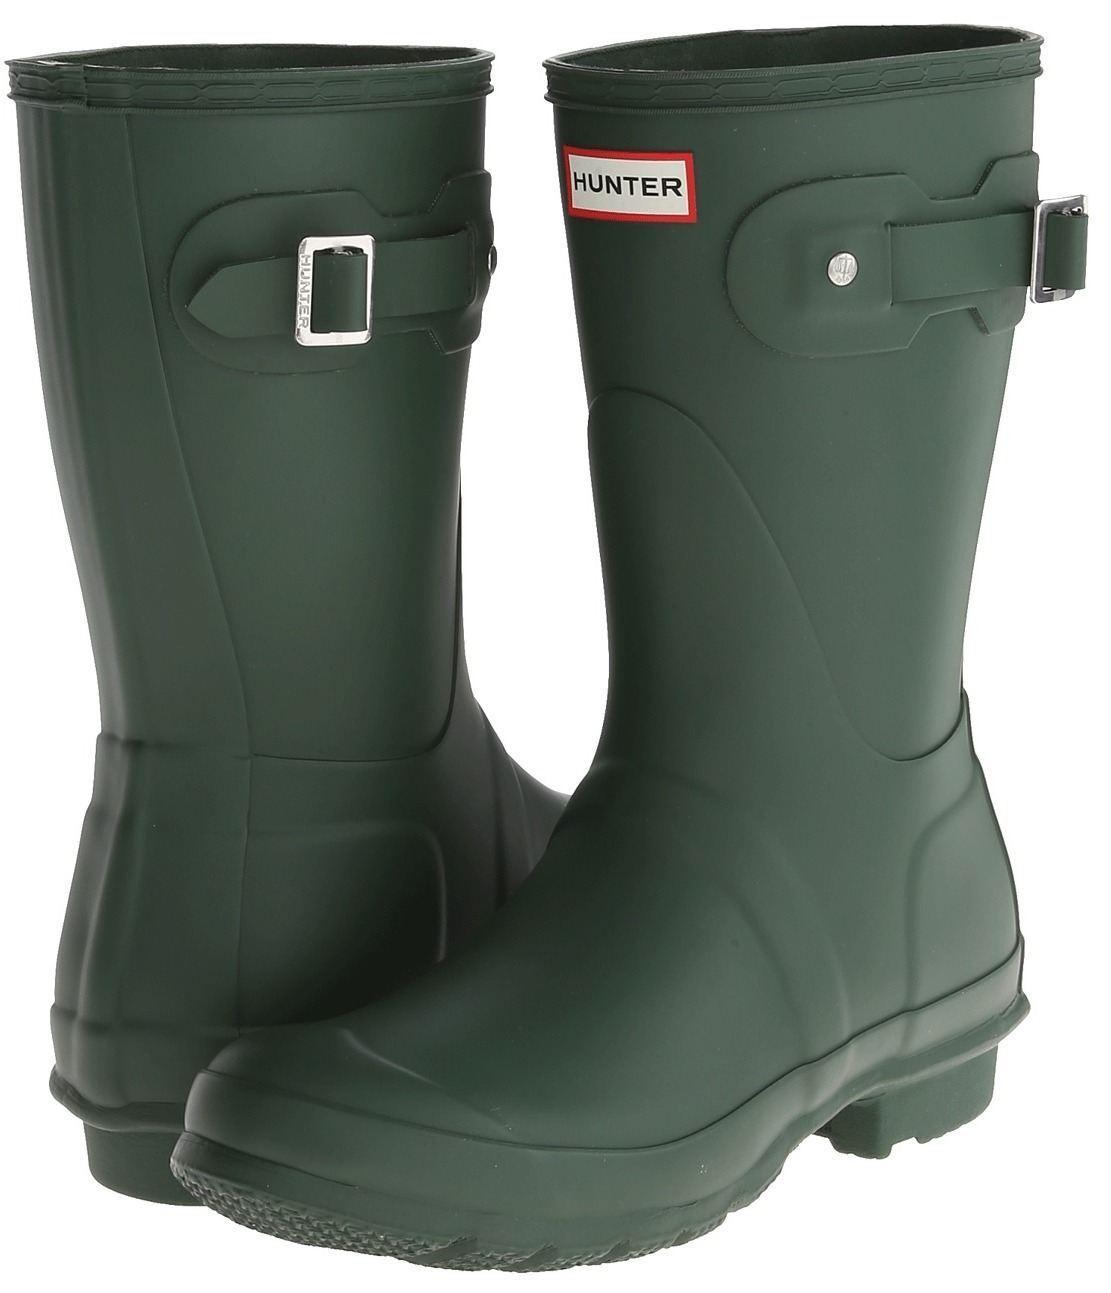 Hunter Original Corto botas Wellington Mujer Mujer Mujer verde oscuro  todos los bienes son especiales